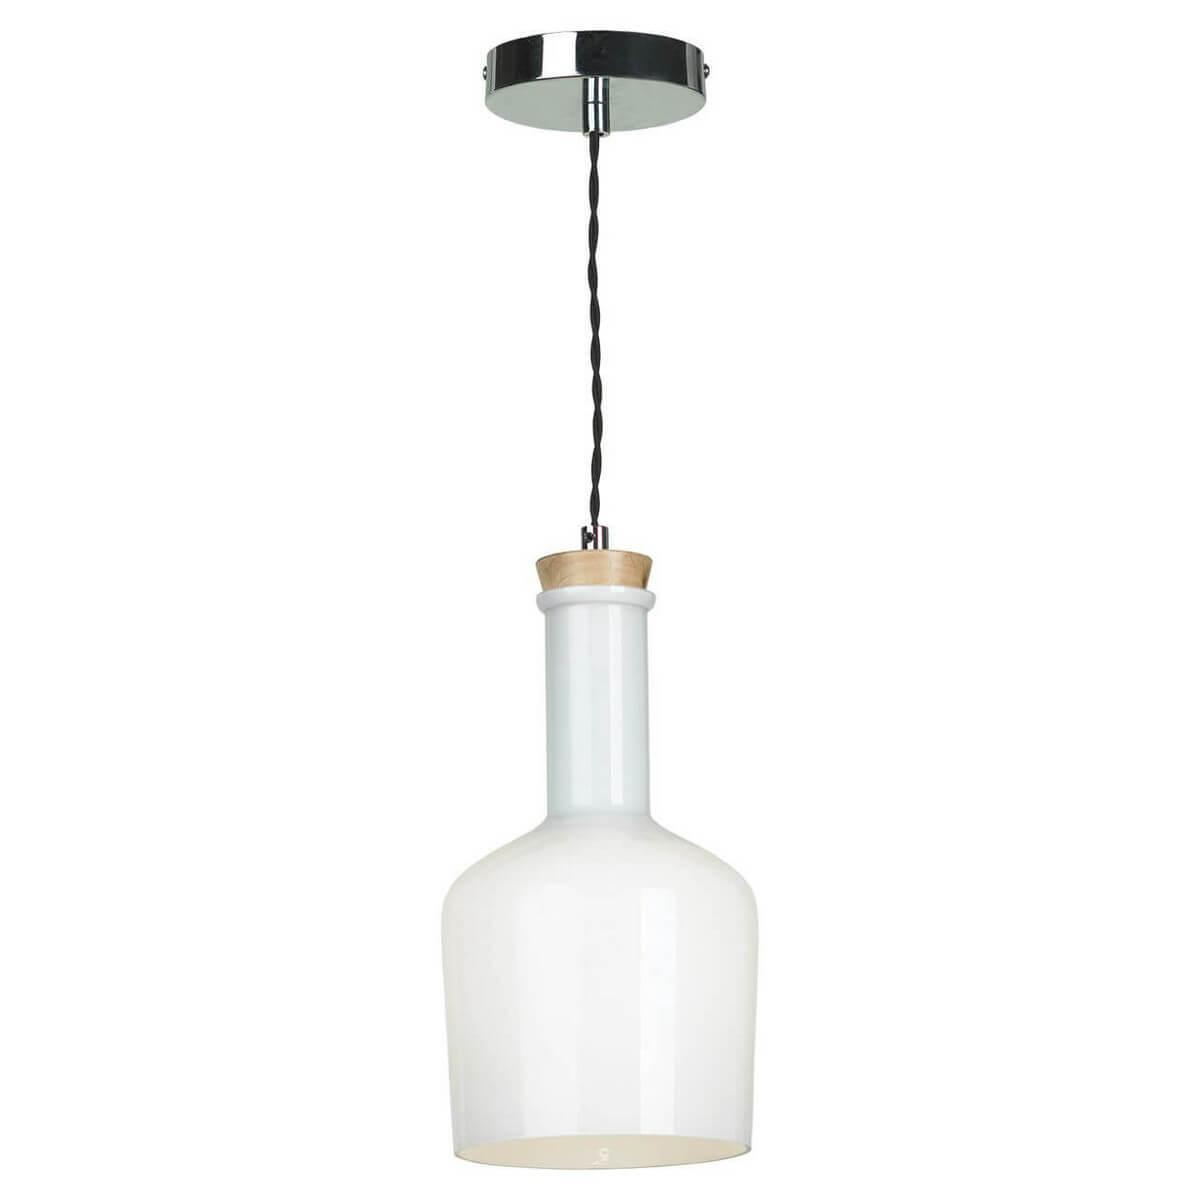 Подвесной светильник Lussole GRLSP-9636, E27, 11 Вт подвесной светильник lussole grlsp 9876 медь